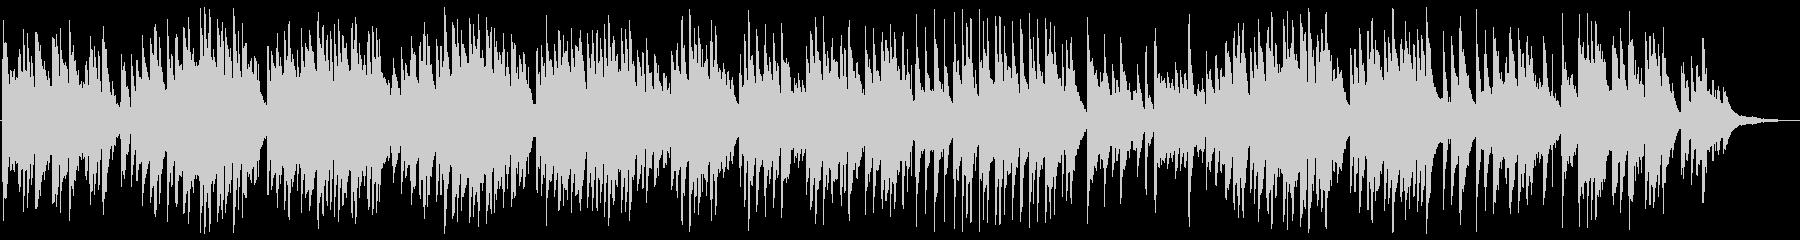 美しくも切ないピアノバラードの未再生の波形